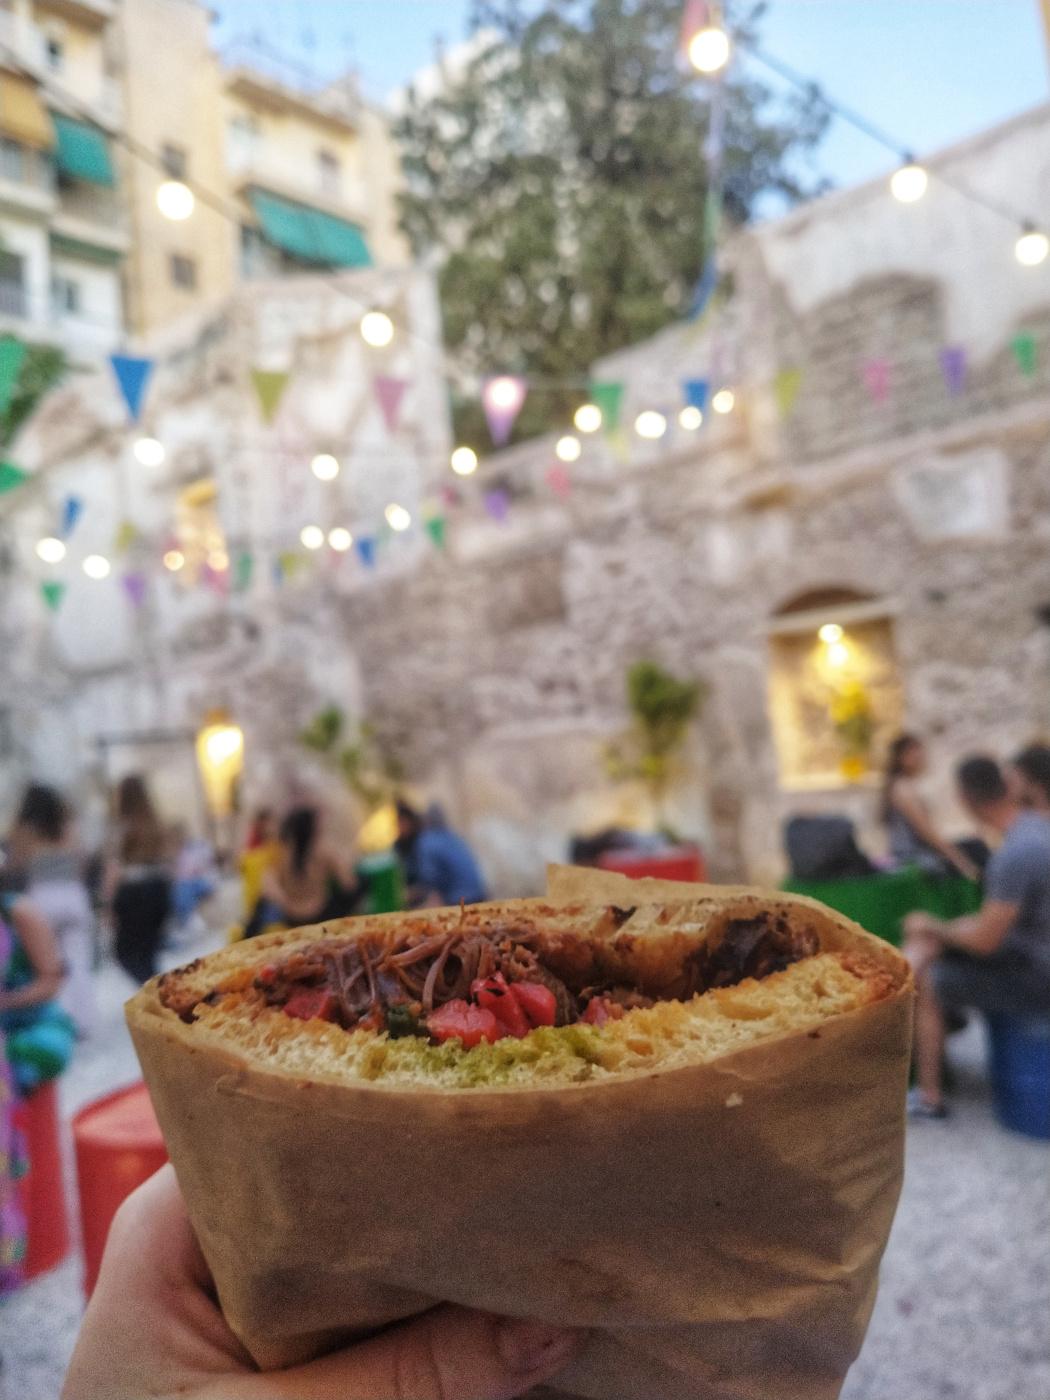 Σάντουιτς με κοκκινιστό μοσχαράκι, πιπεριές Φλωρίνης και πέστο στη Γαλιάντρα, φωτογραφία: monopoli.gr